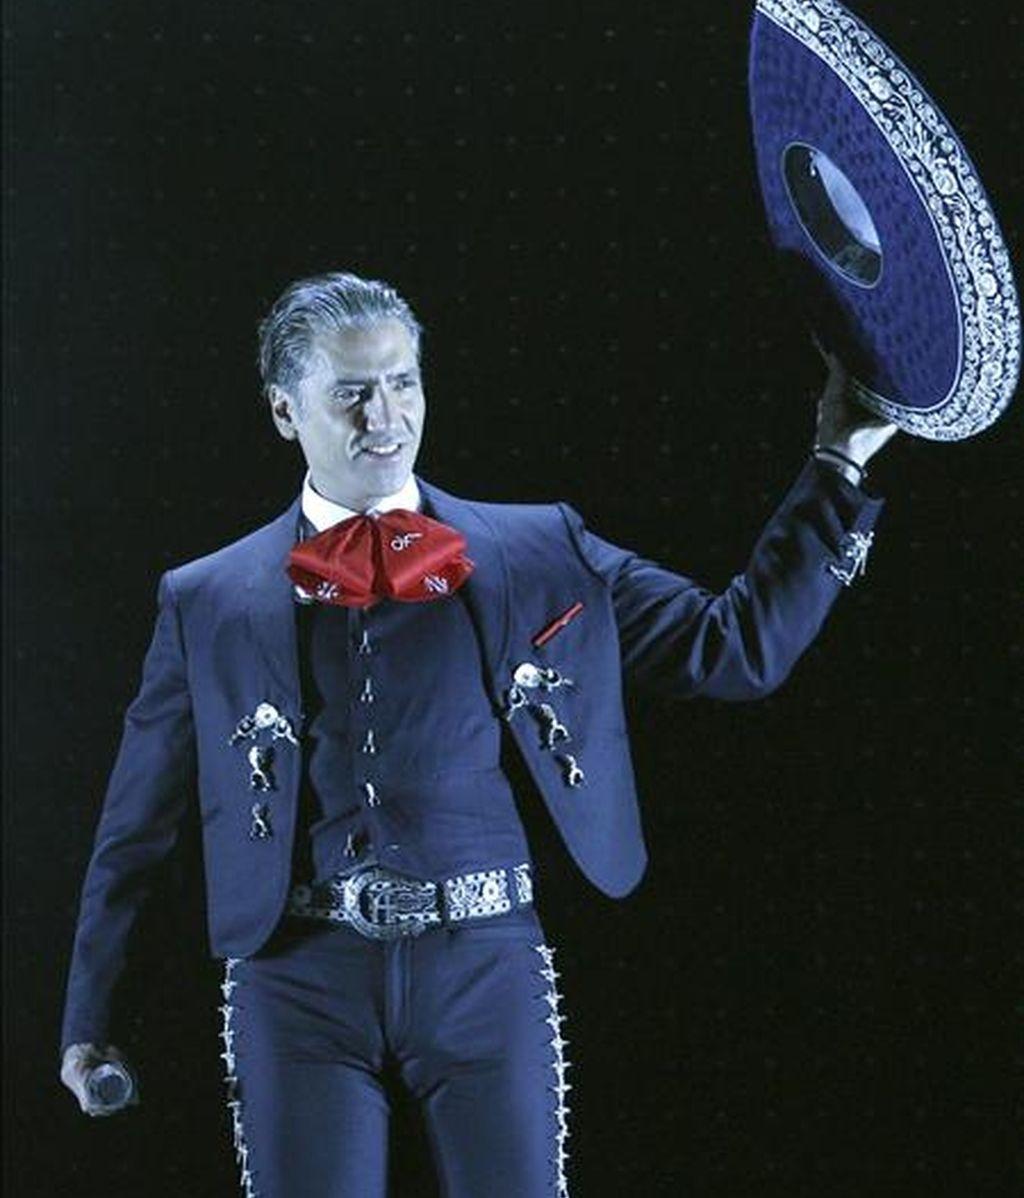 """El cantante mexicano, Alejandro Fernández, durante el concierto que ha ofrecido esta noche en el Palacio de los Deportes de Madrid, incluido en su gira """"Tour dos mundos"""". EFE"""